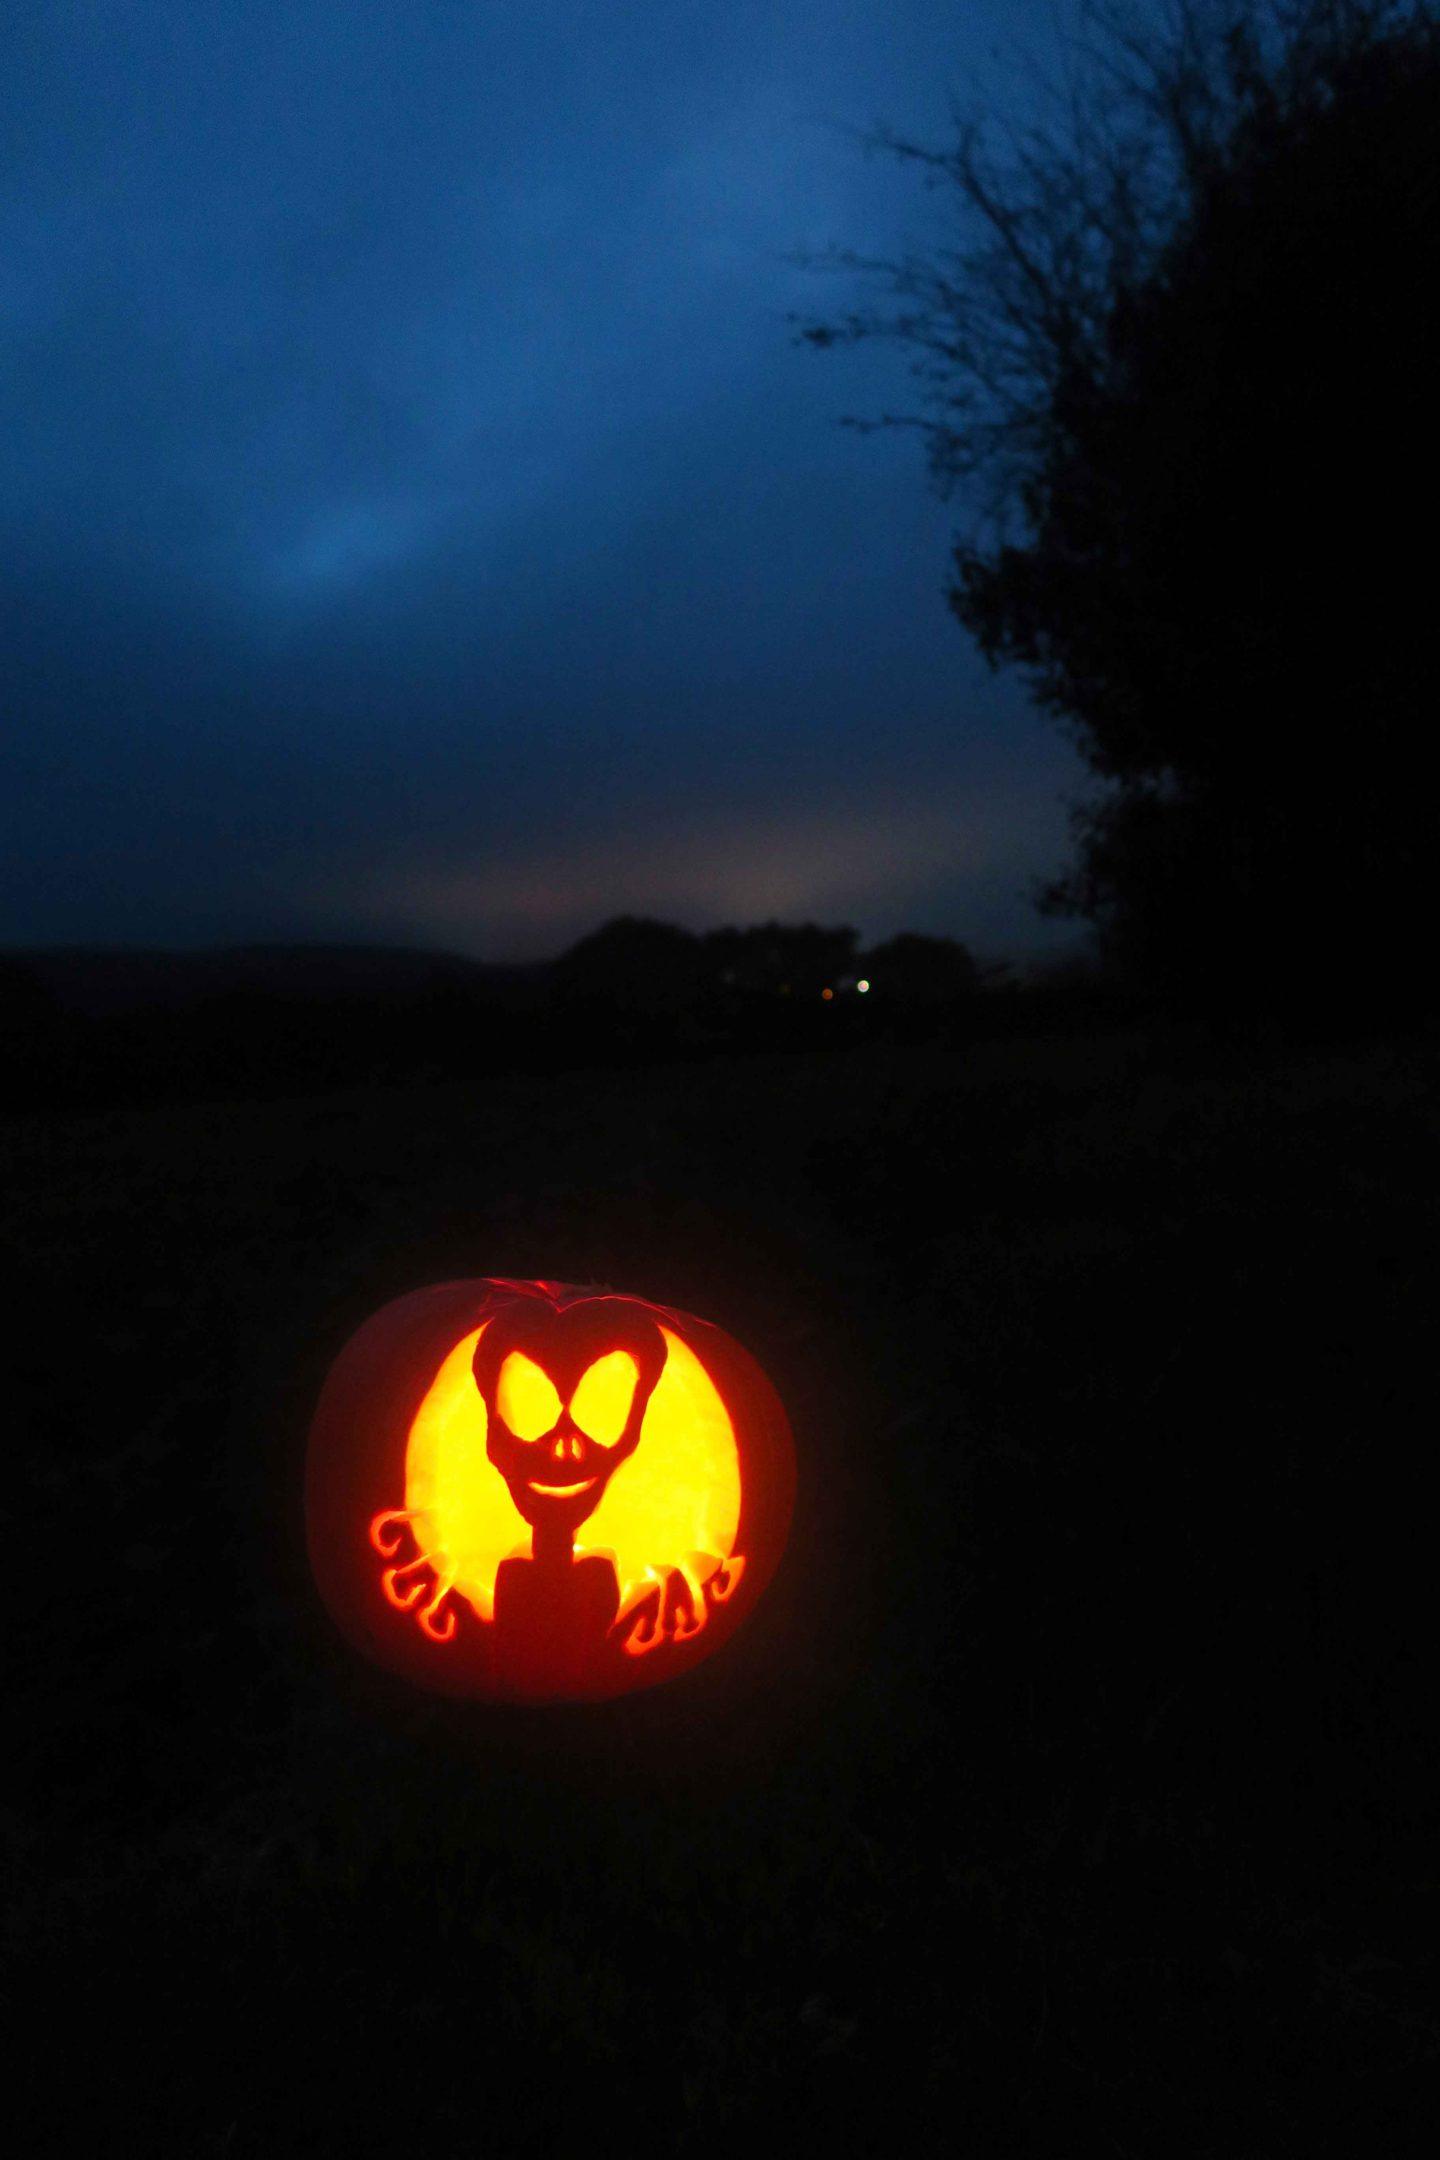 alien pumpkin carving at night